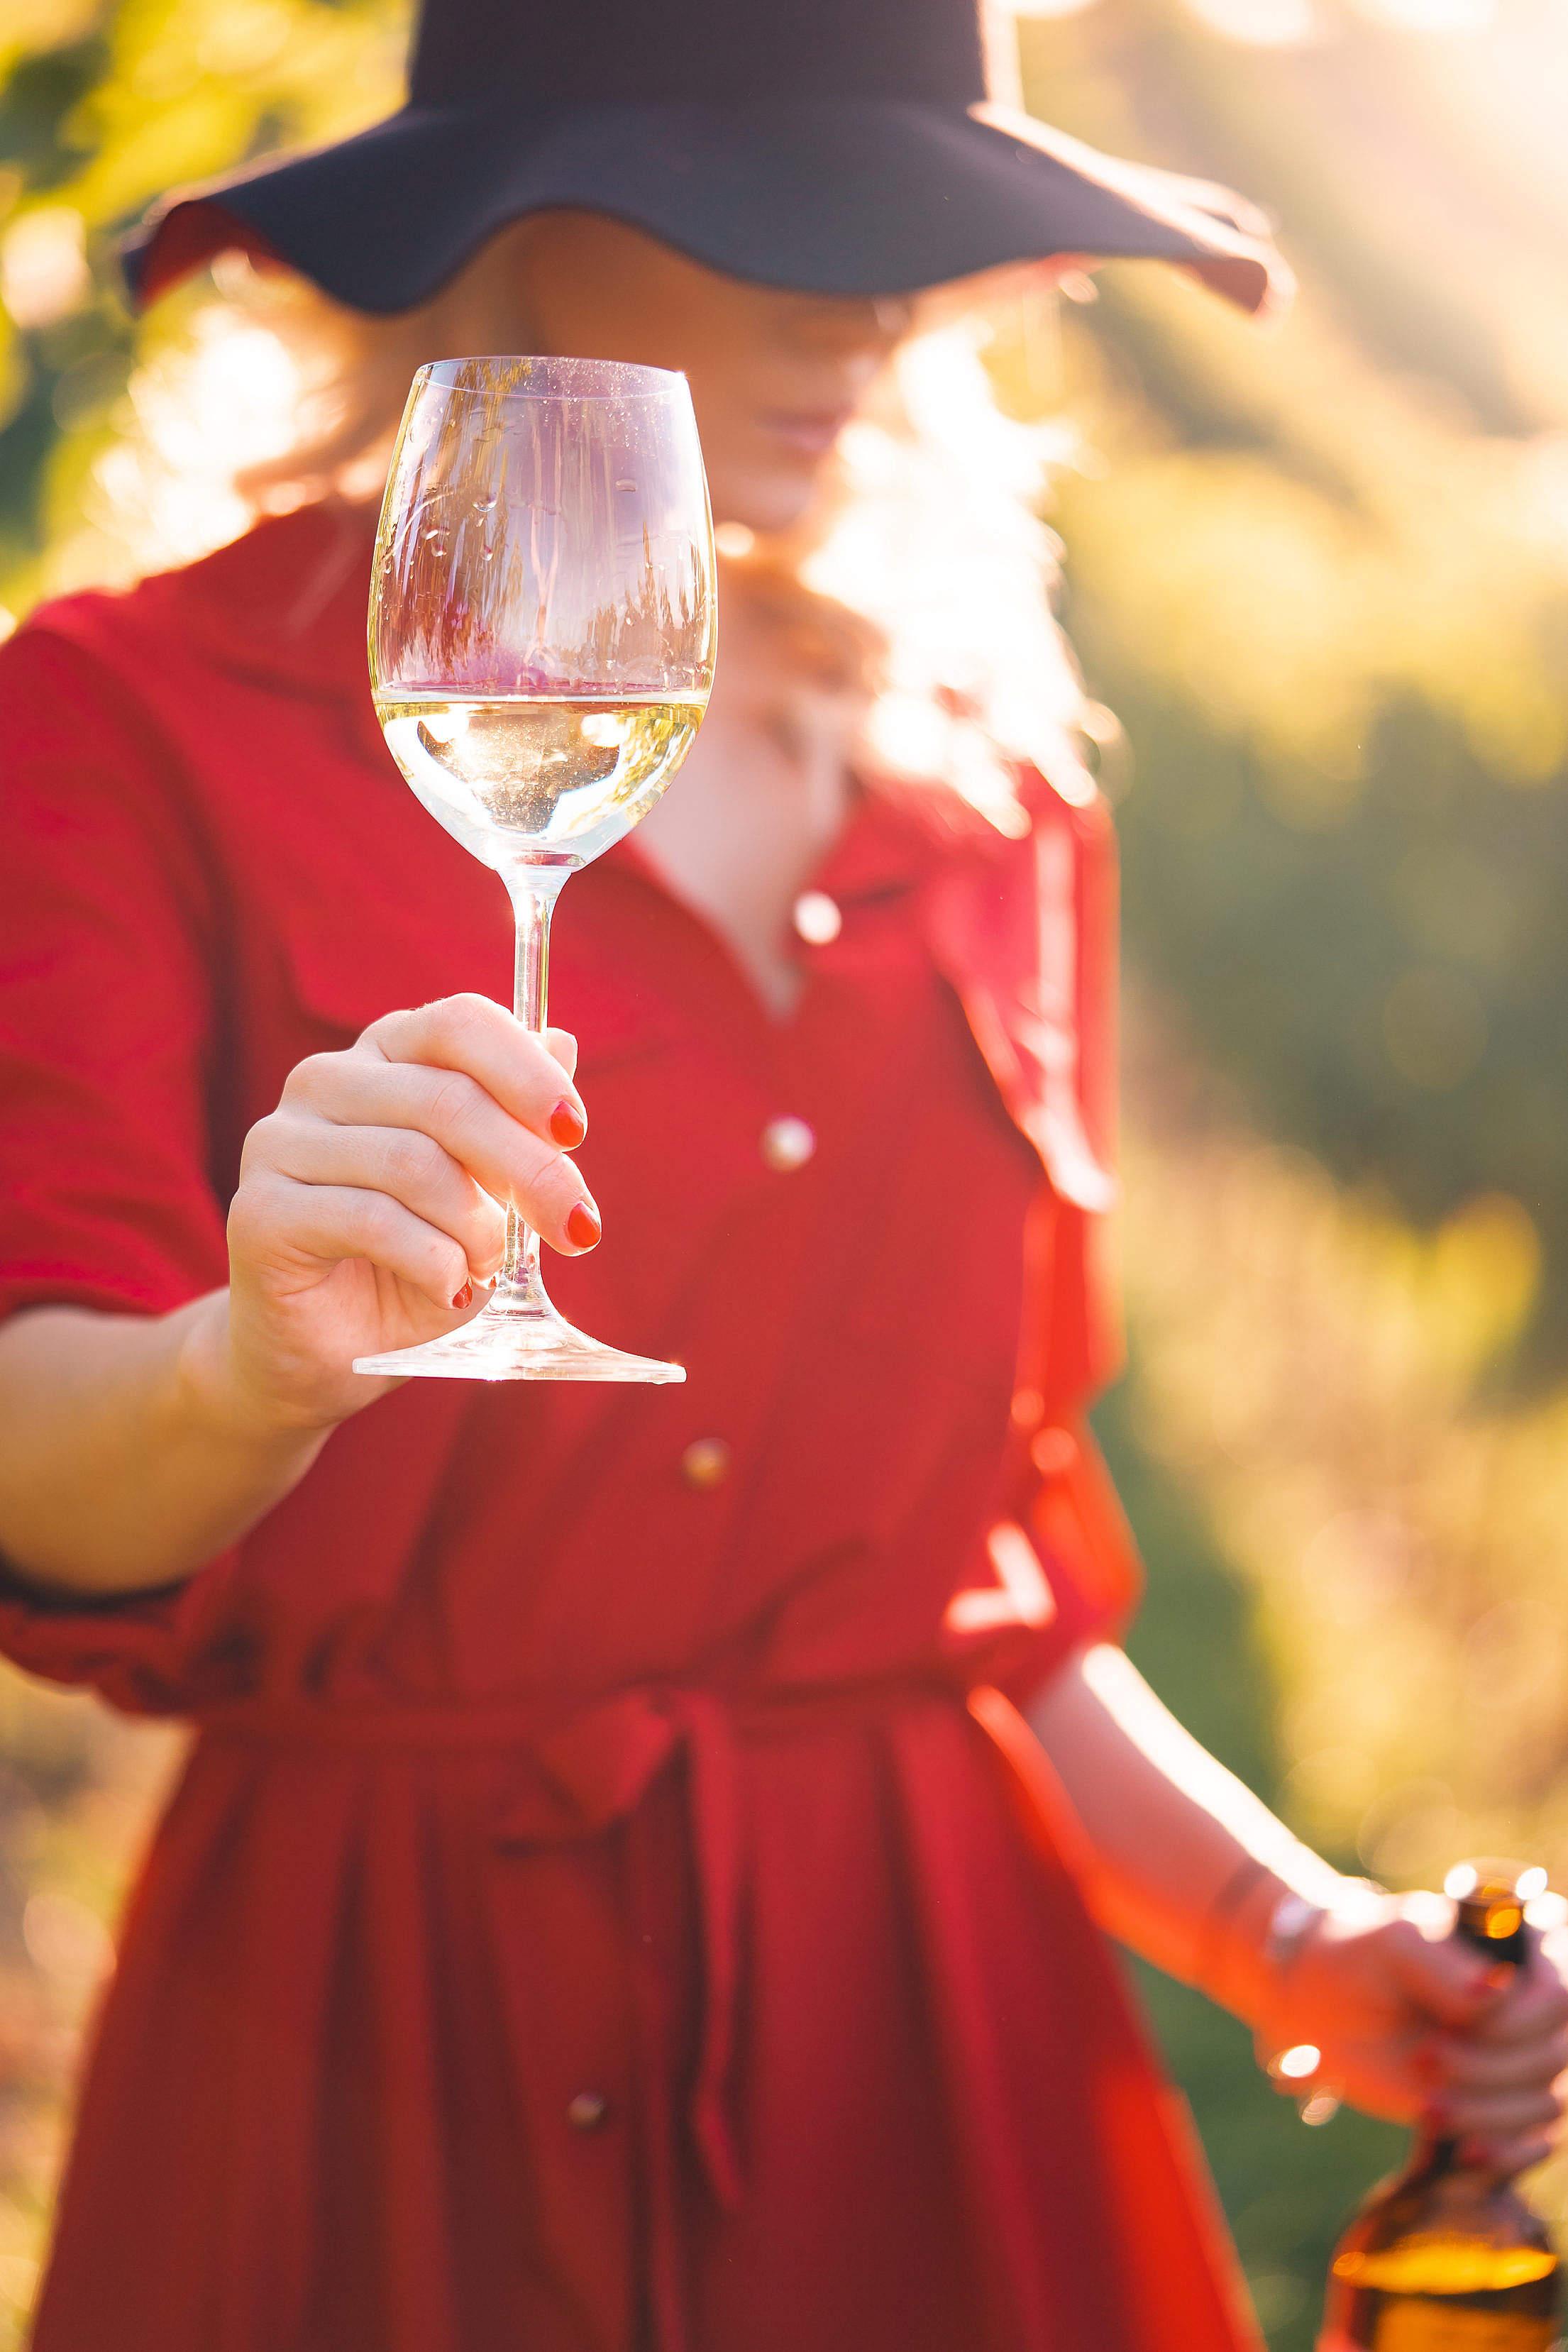 Beautiful Woman Holding a Glass of Wine Free Stock Photo